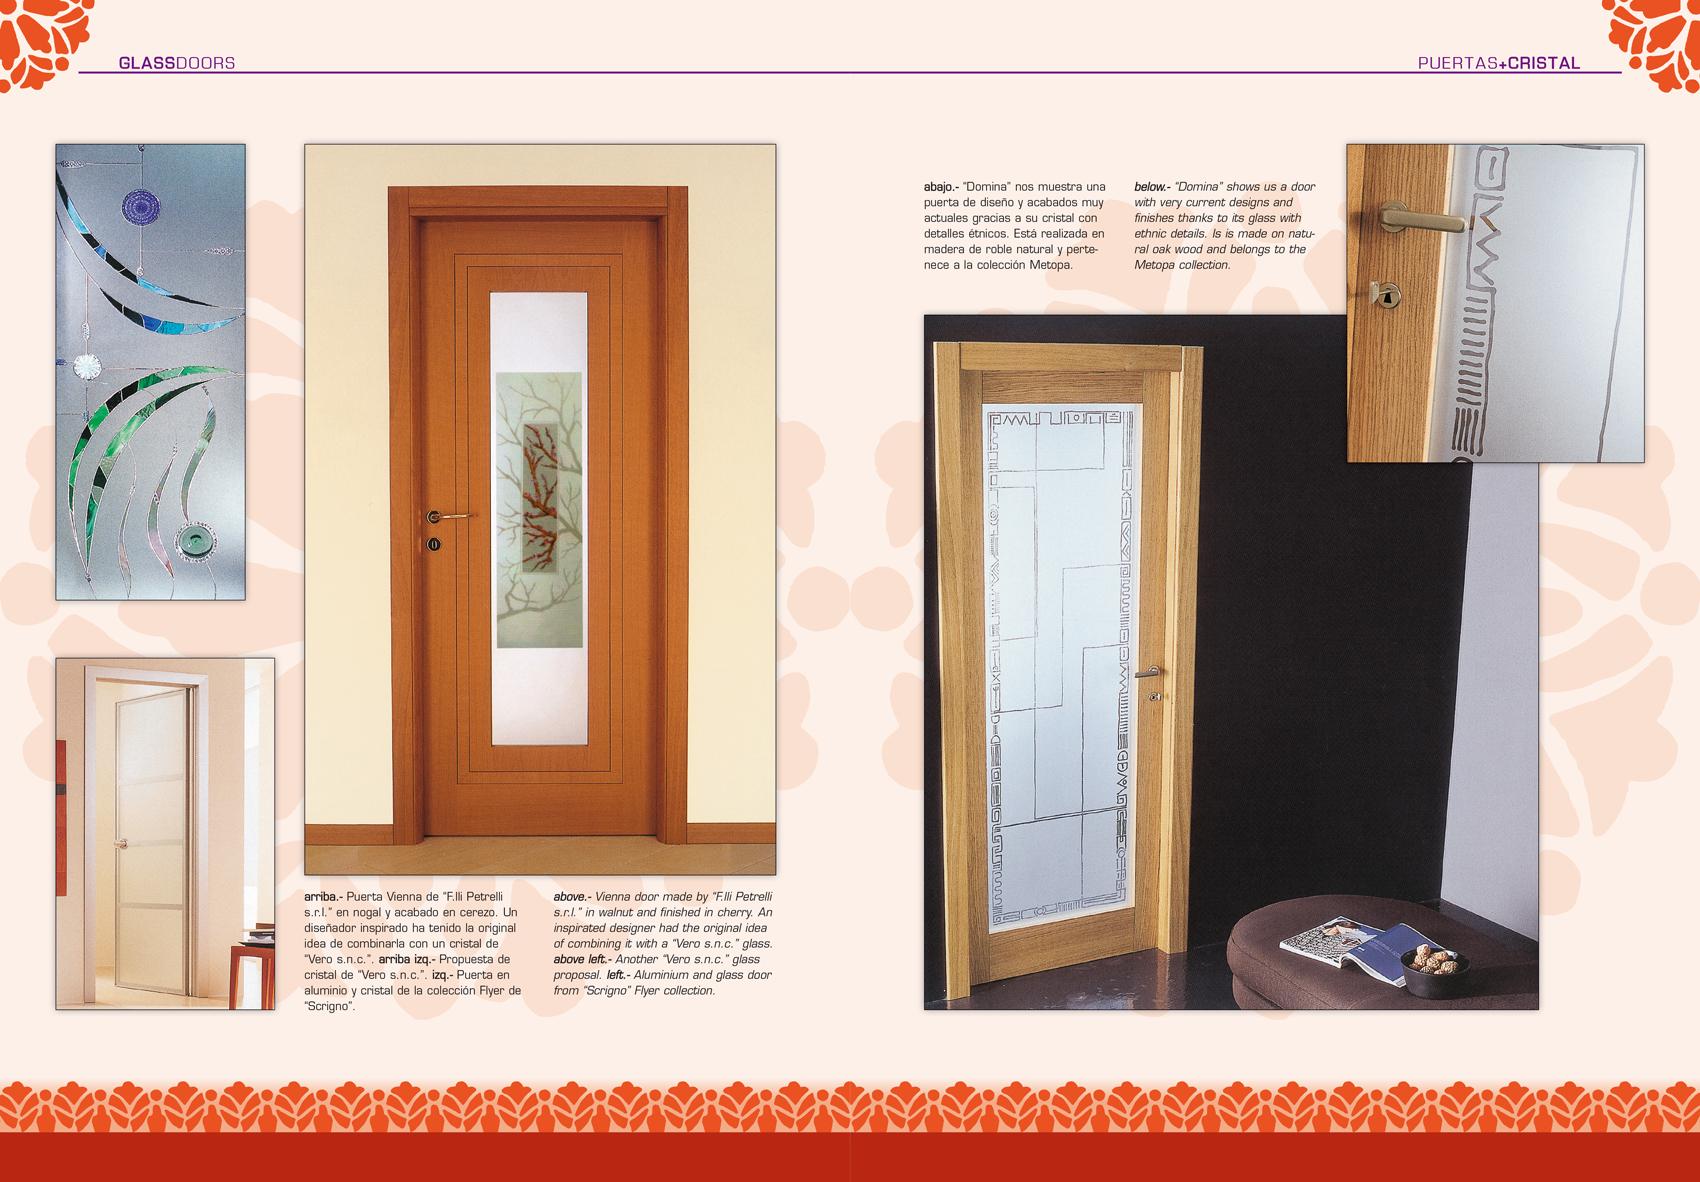 puertas-cristal-4.jpg